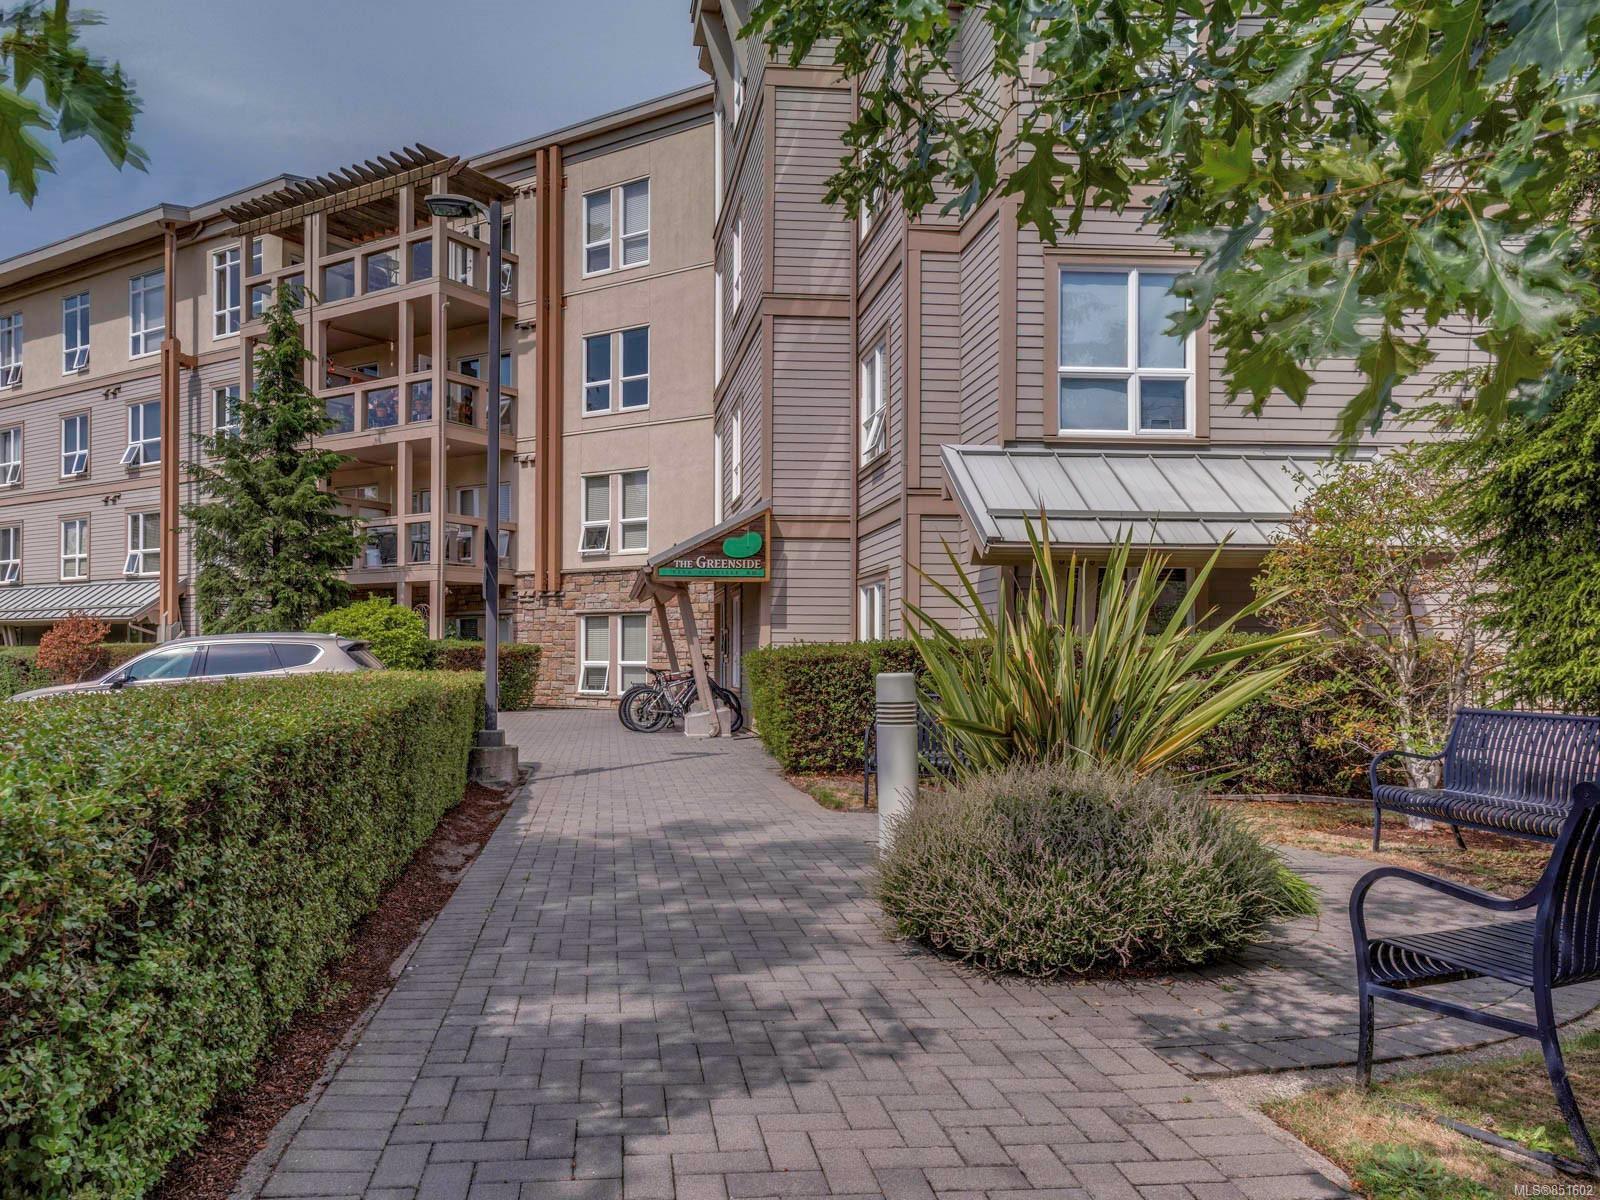 Main Photo: 109 1156 Colville Rd in : Es Gorge Vale Condo for sale (Esquimalt)  : MLS®# 851602